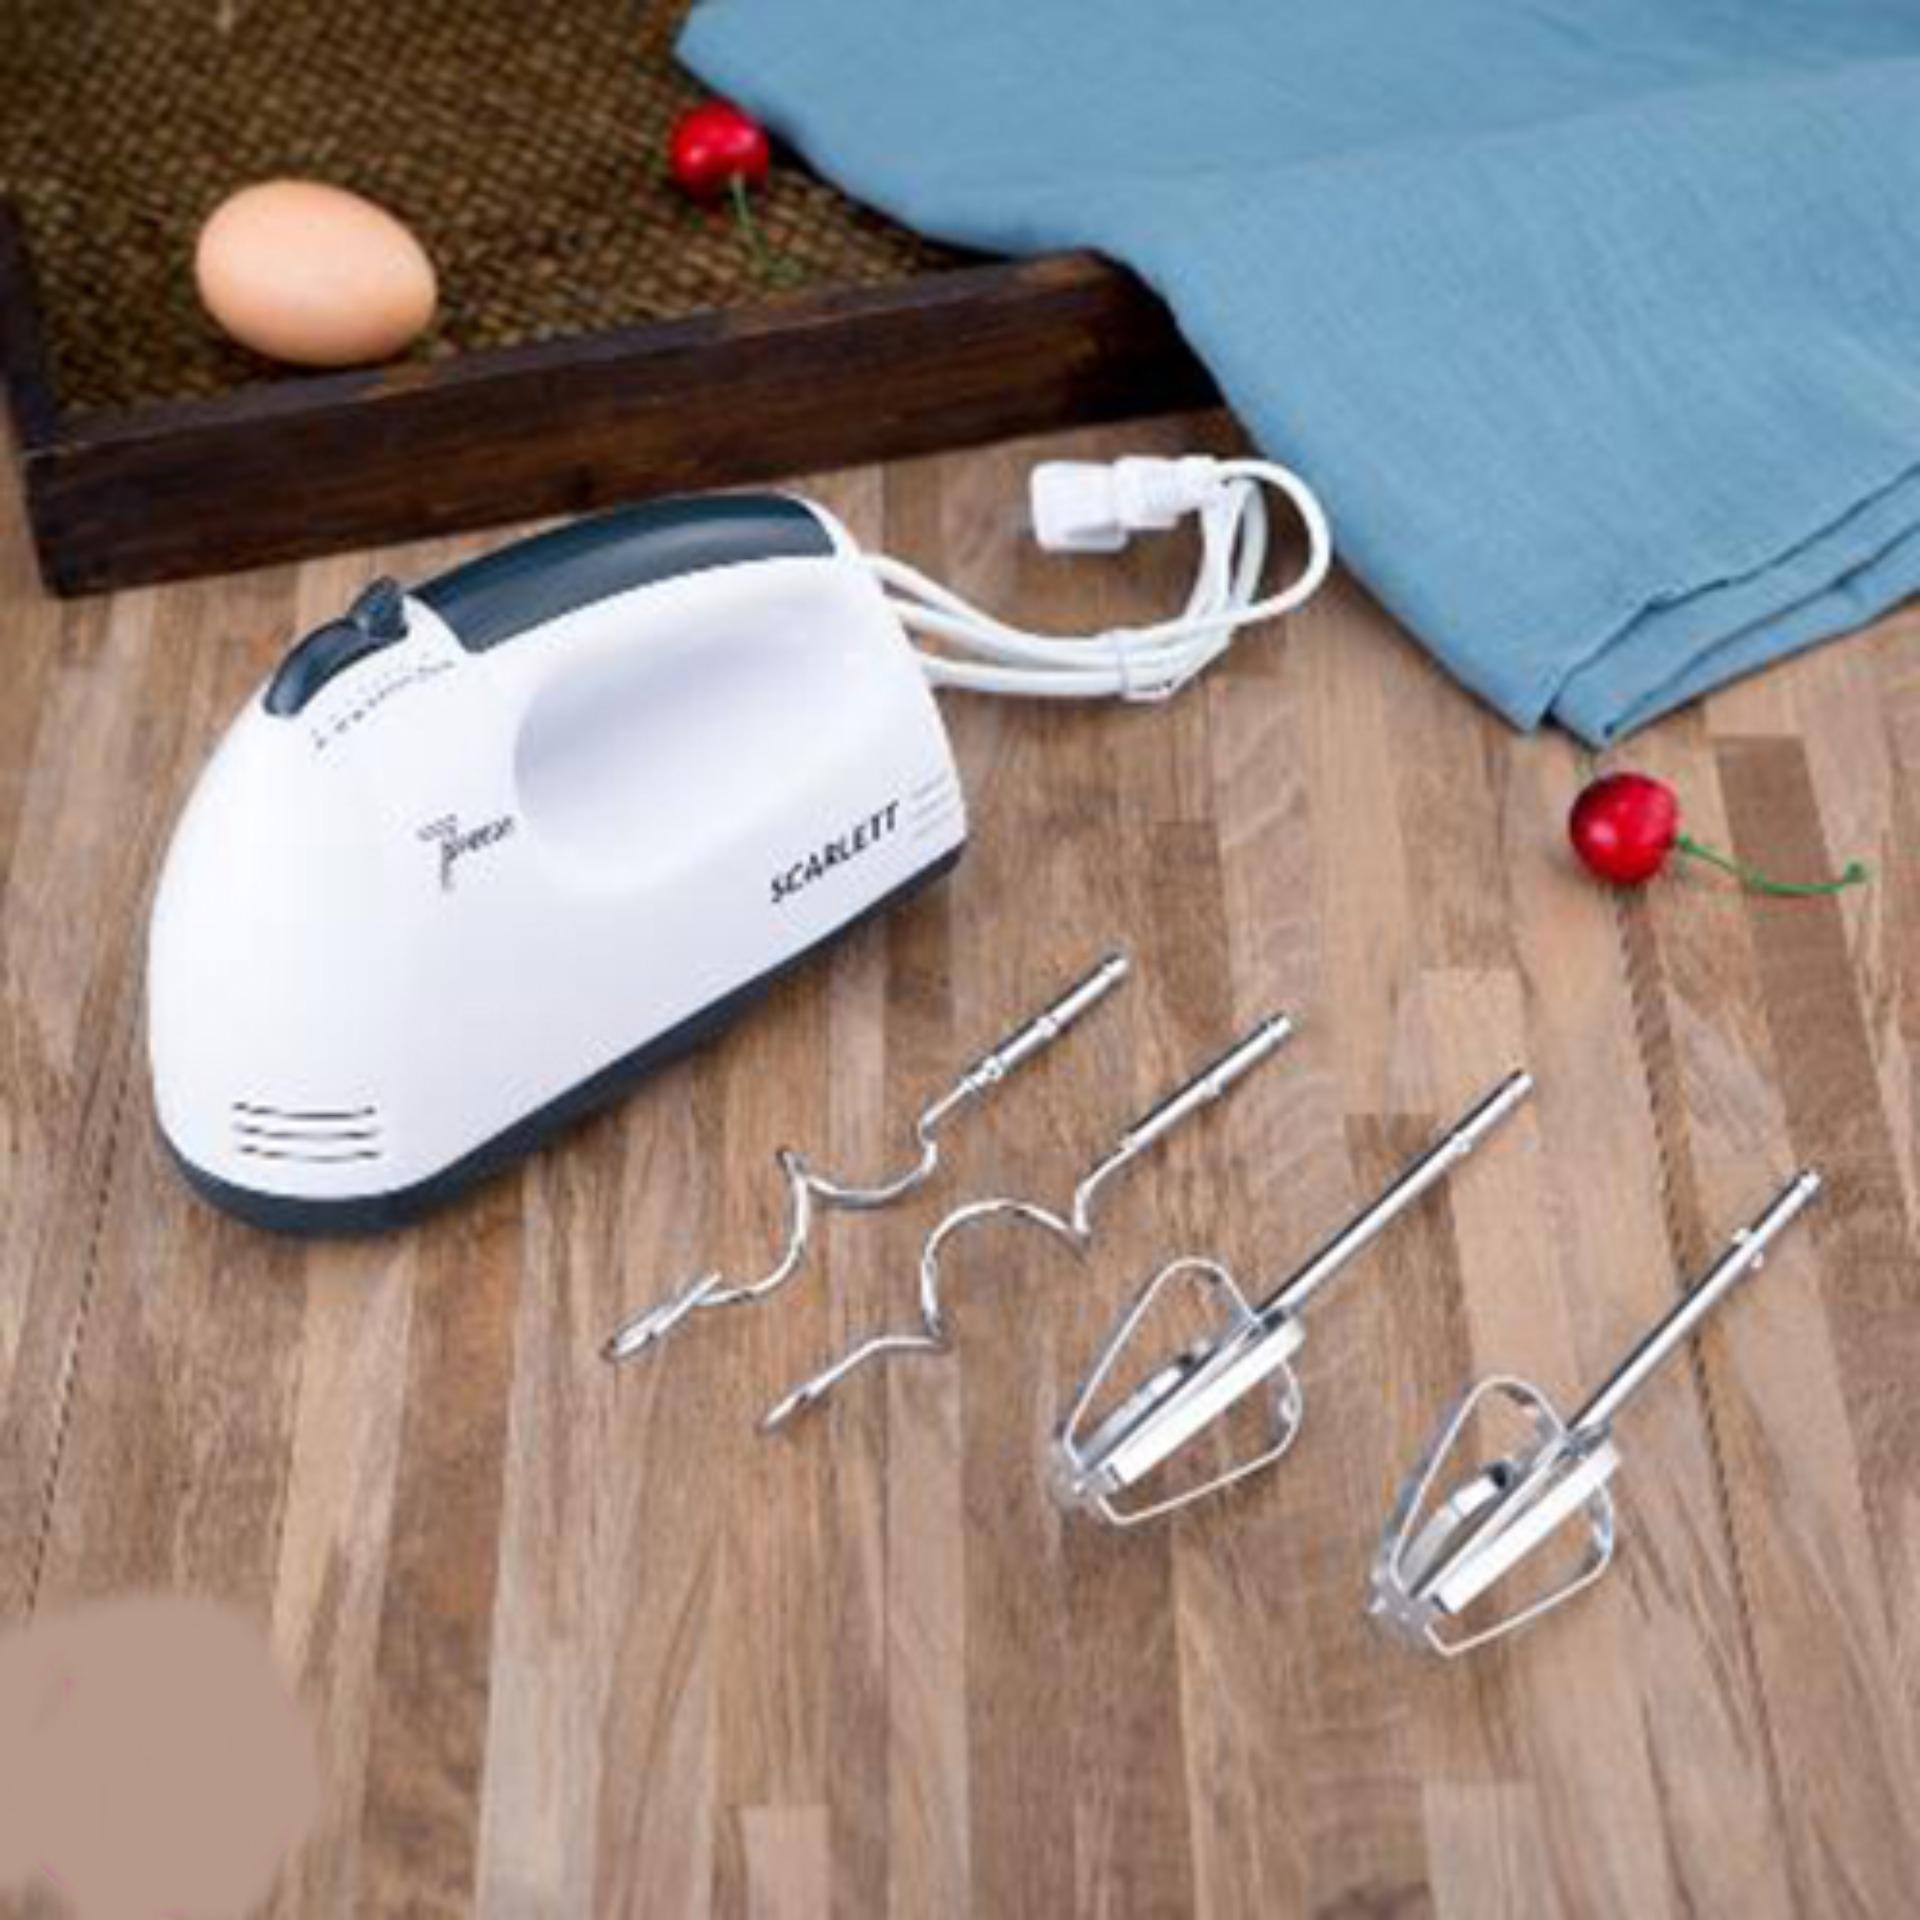 Mua máy đánh trứng cầm tay ở đâu - Đánh trứng bằng tay - Máy Đánh Trứng  MDT008, 7 tốc độ đánh, công suất 180W tiết kiệm điện năng BH UY TÍN BỞI BB STORE - B0037